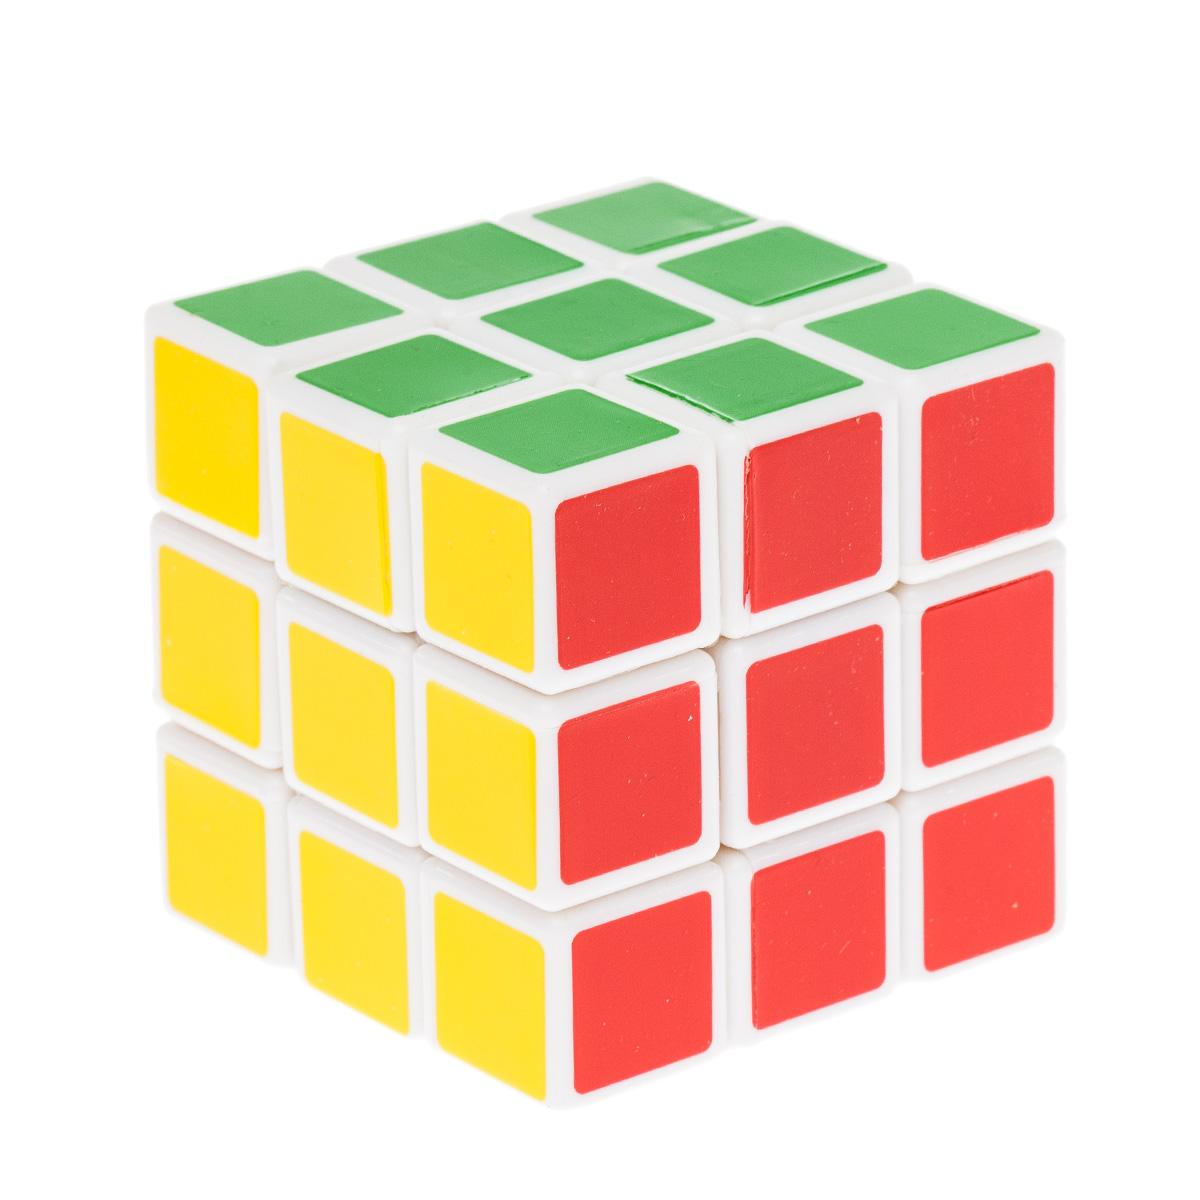 Игрушка Кубик Рубика, 11571